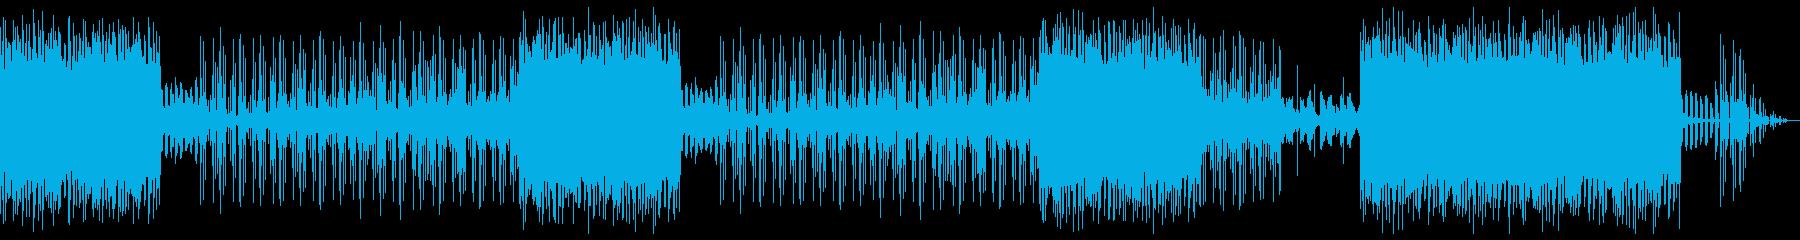 味のある男性ボーカル/Lofiなビートの再生済みの波形